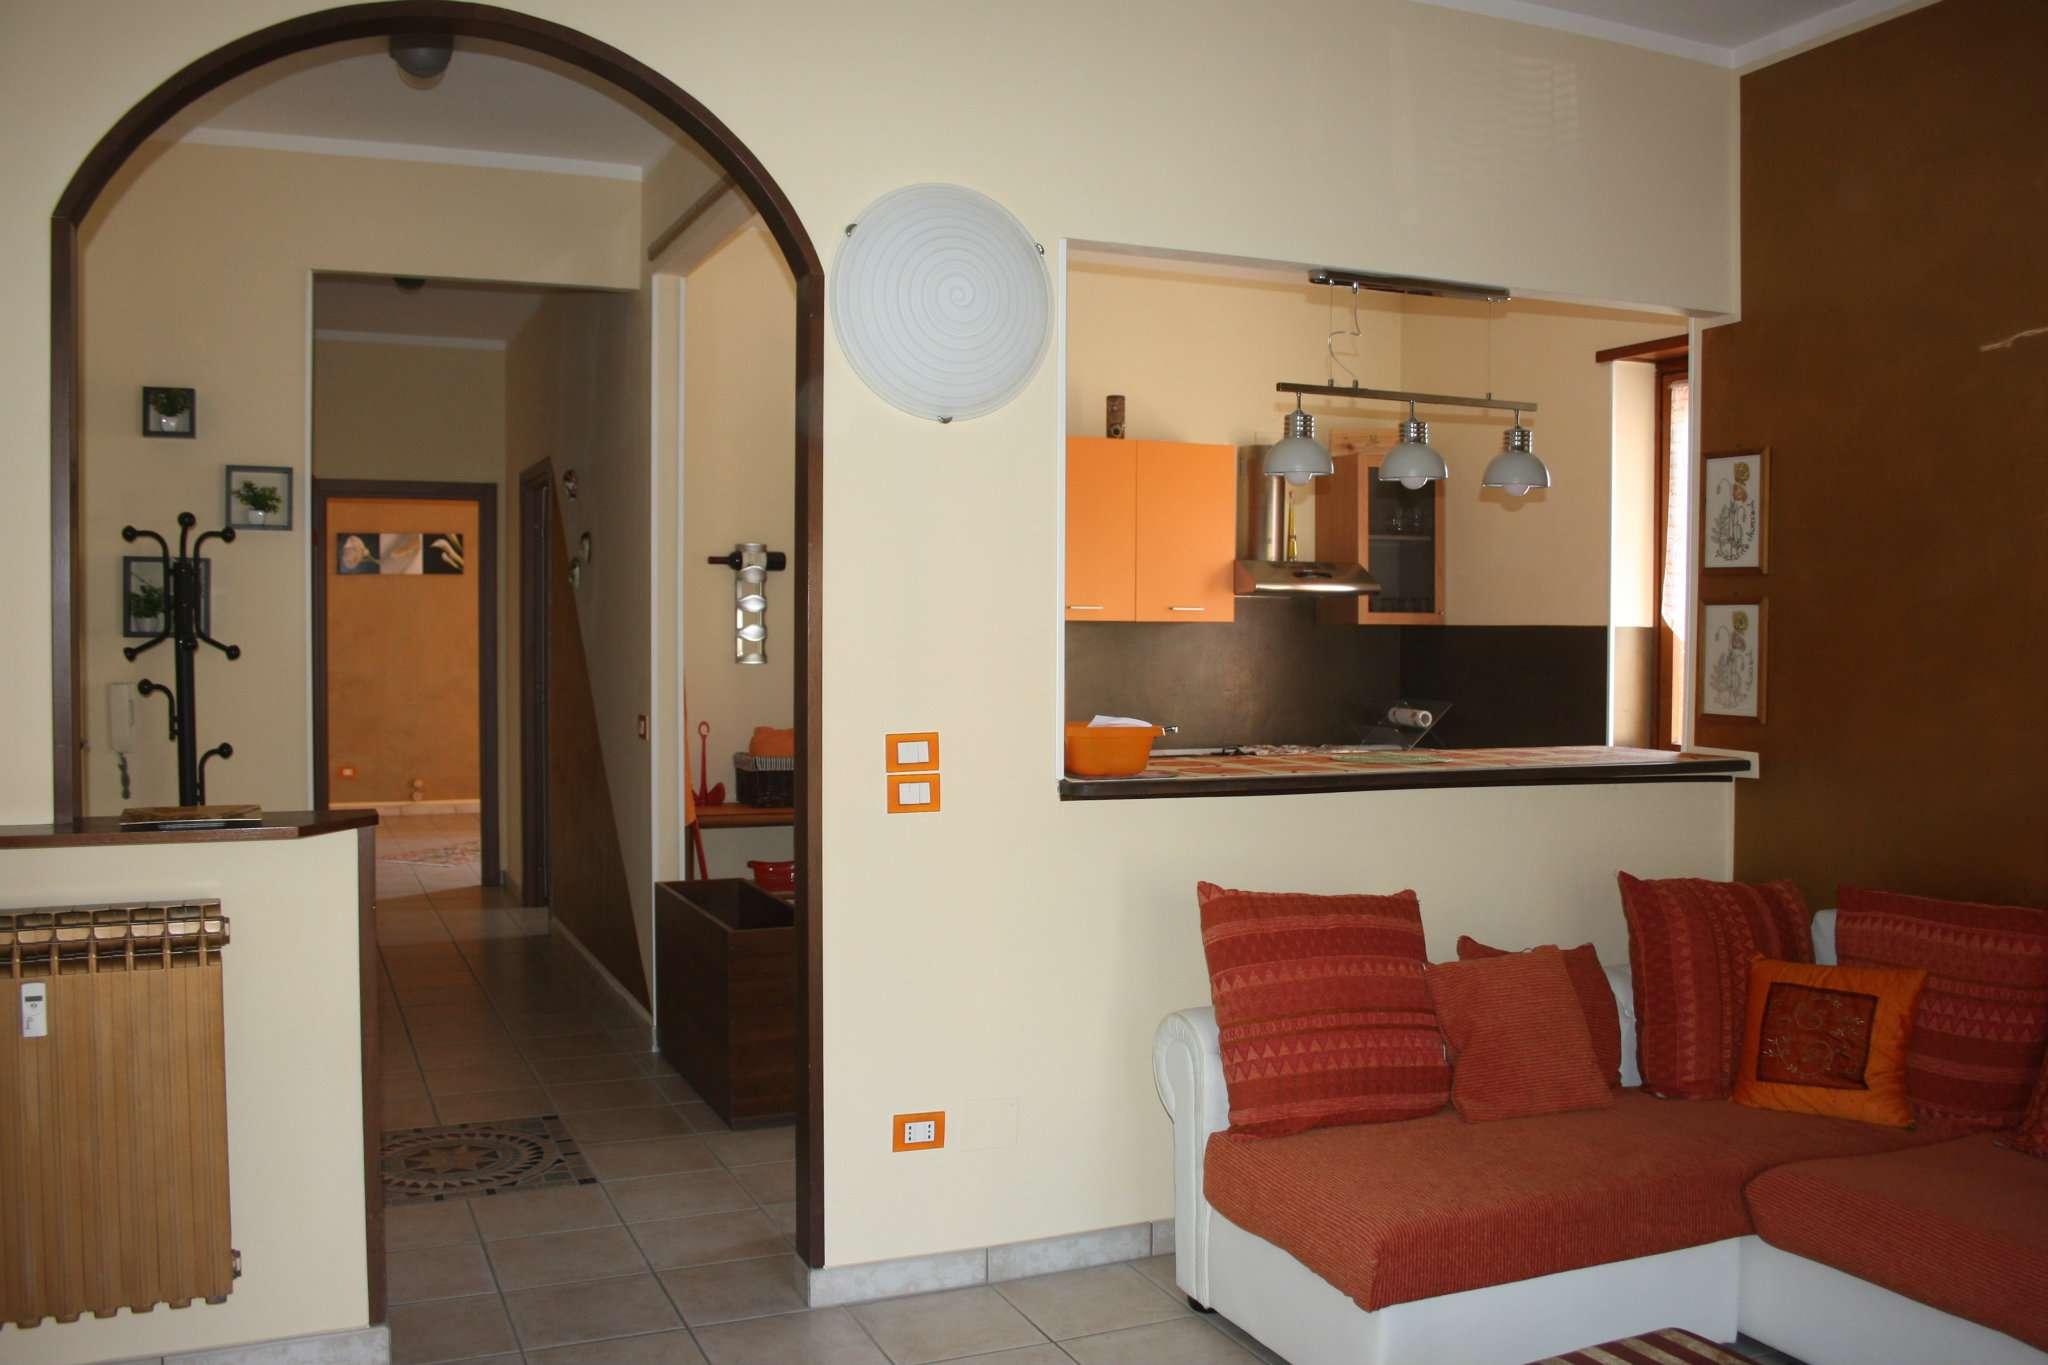 Appartamento in vendita a Bra, 4 locali, prezzo € 135.000 | CambioCasa.it